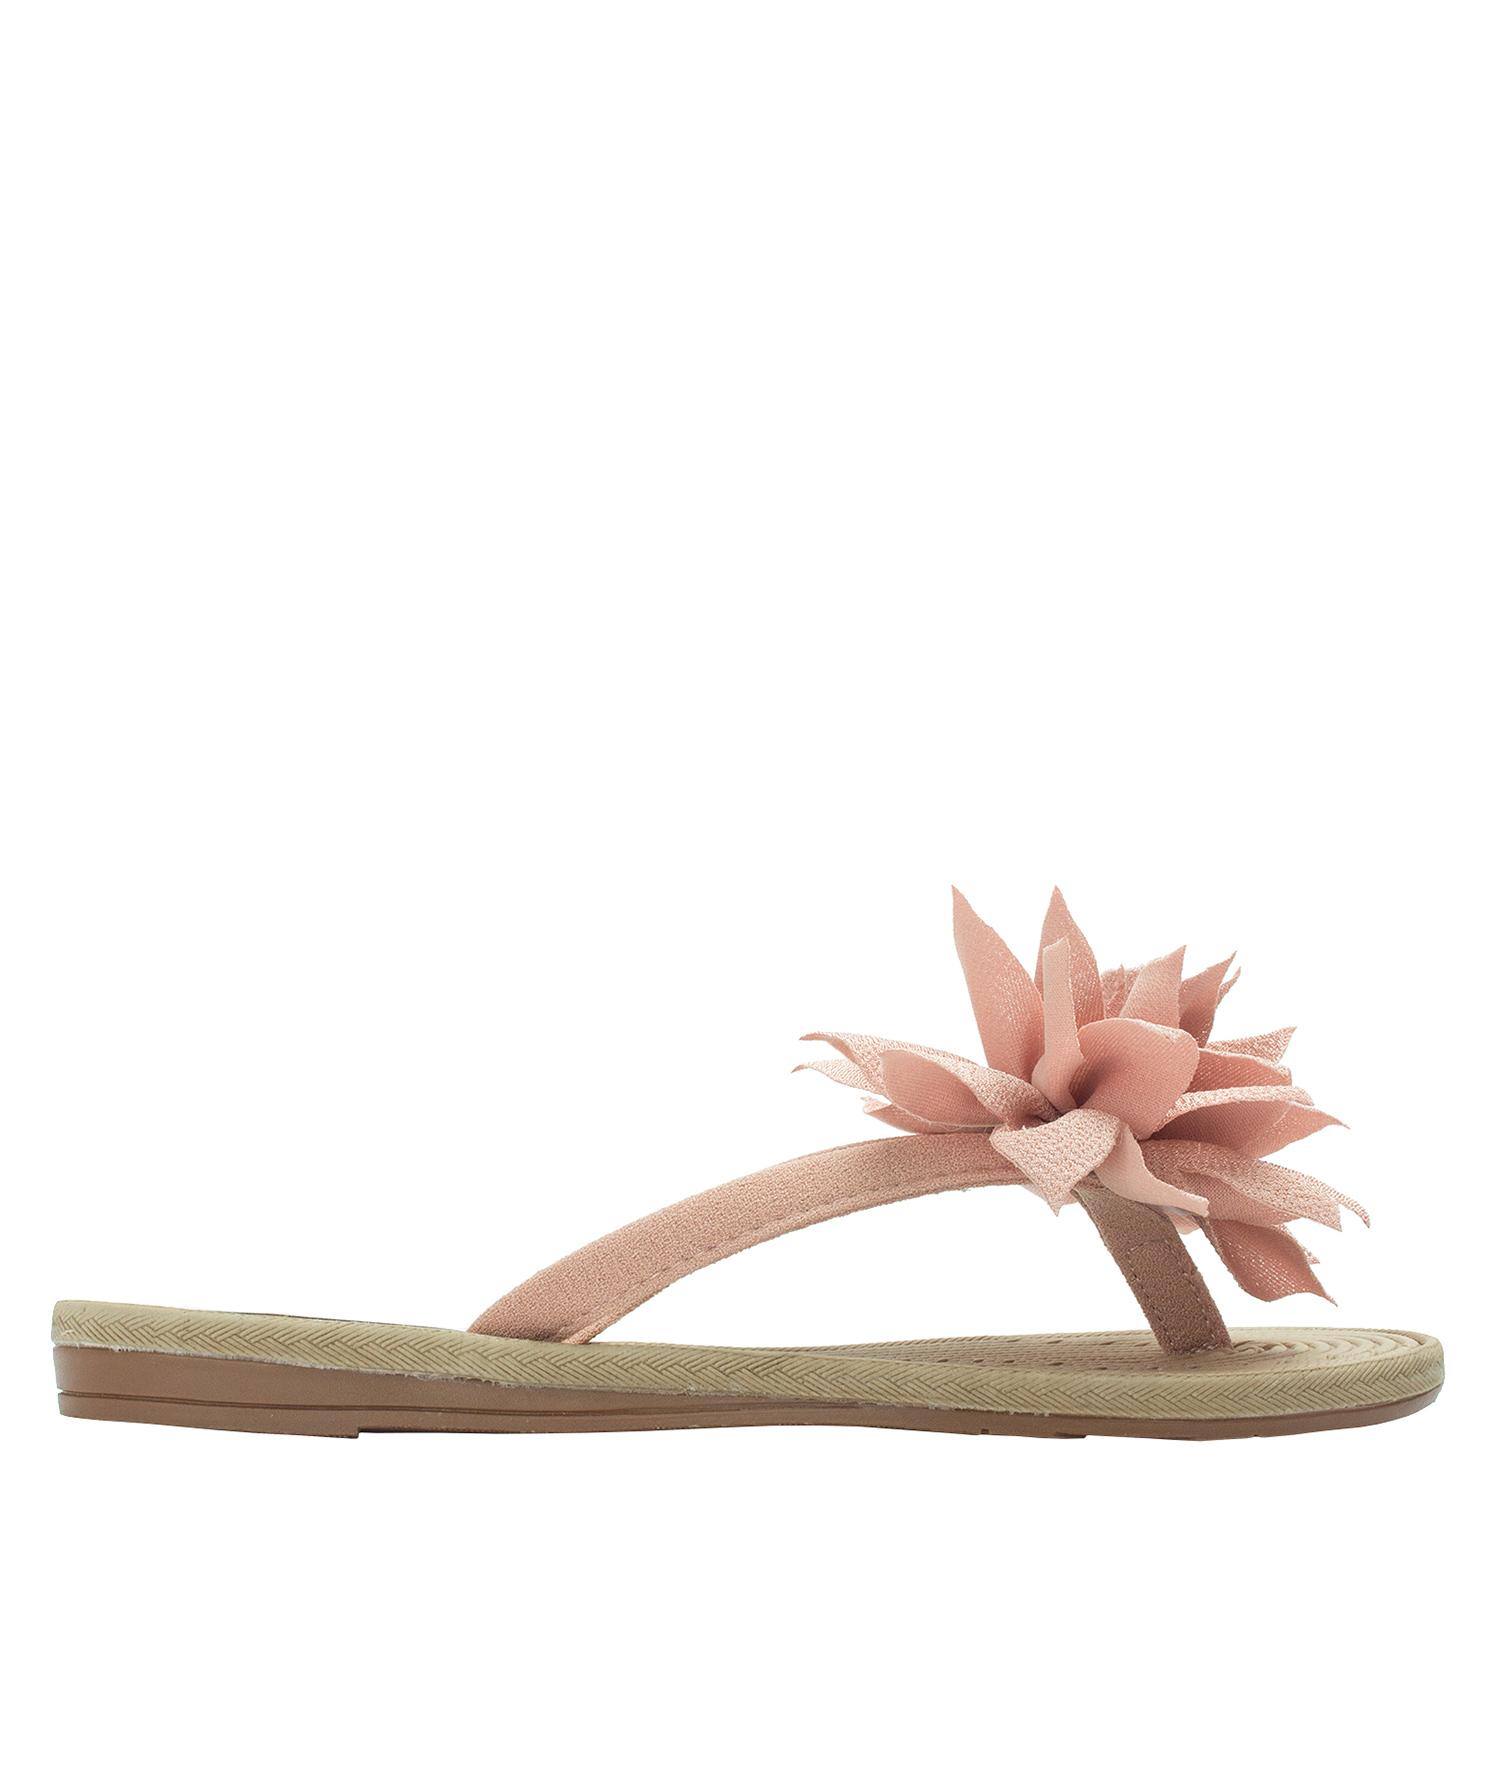 8ad6a506d328e AnnaKastle Womens Big Flower Flip Flops Beach Sandals Tulip